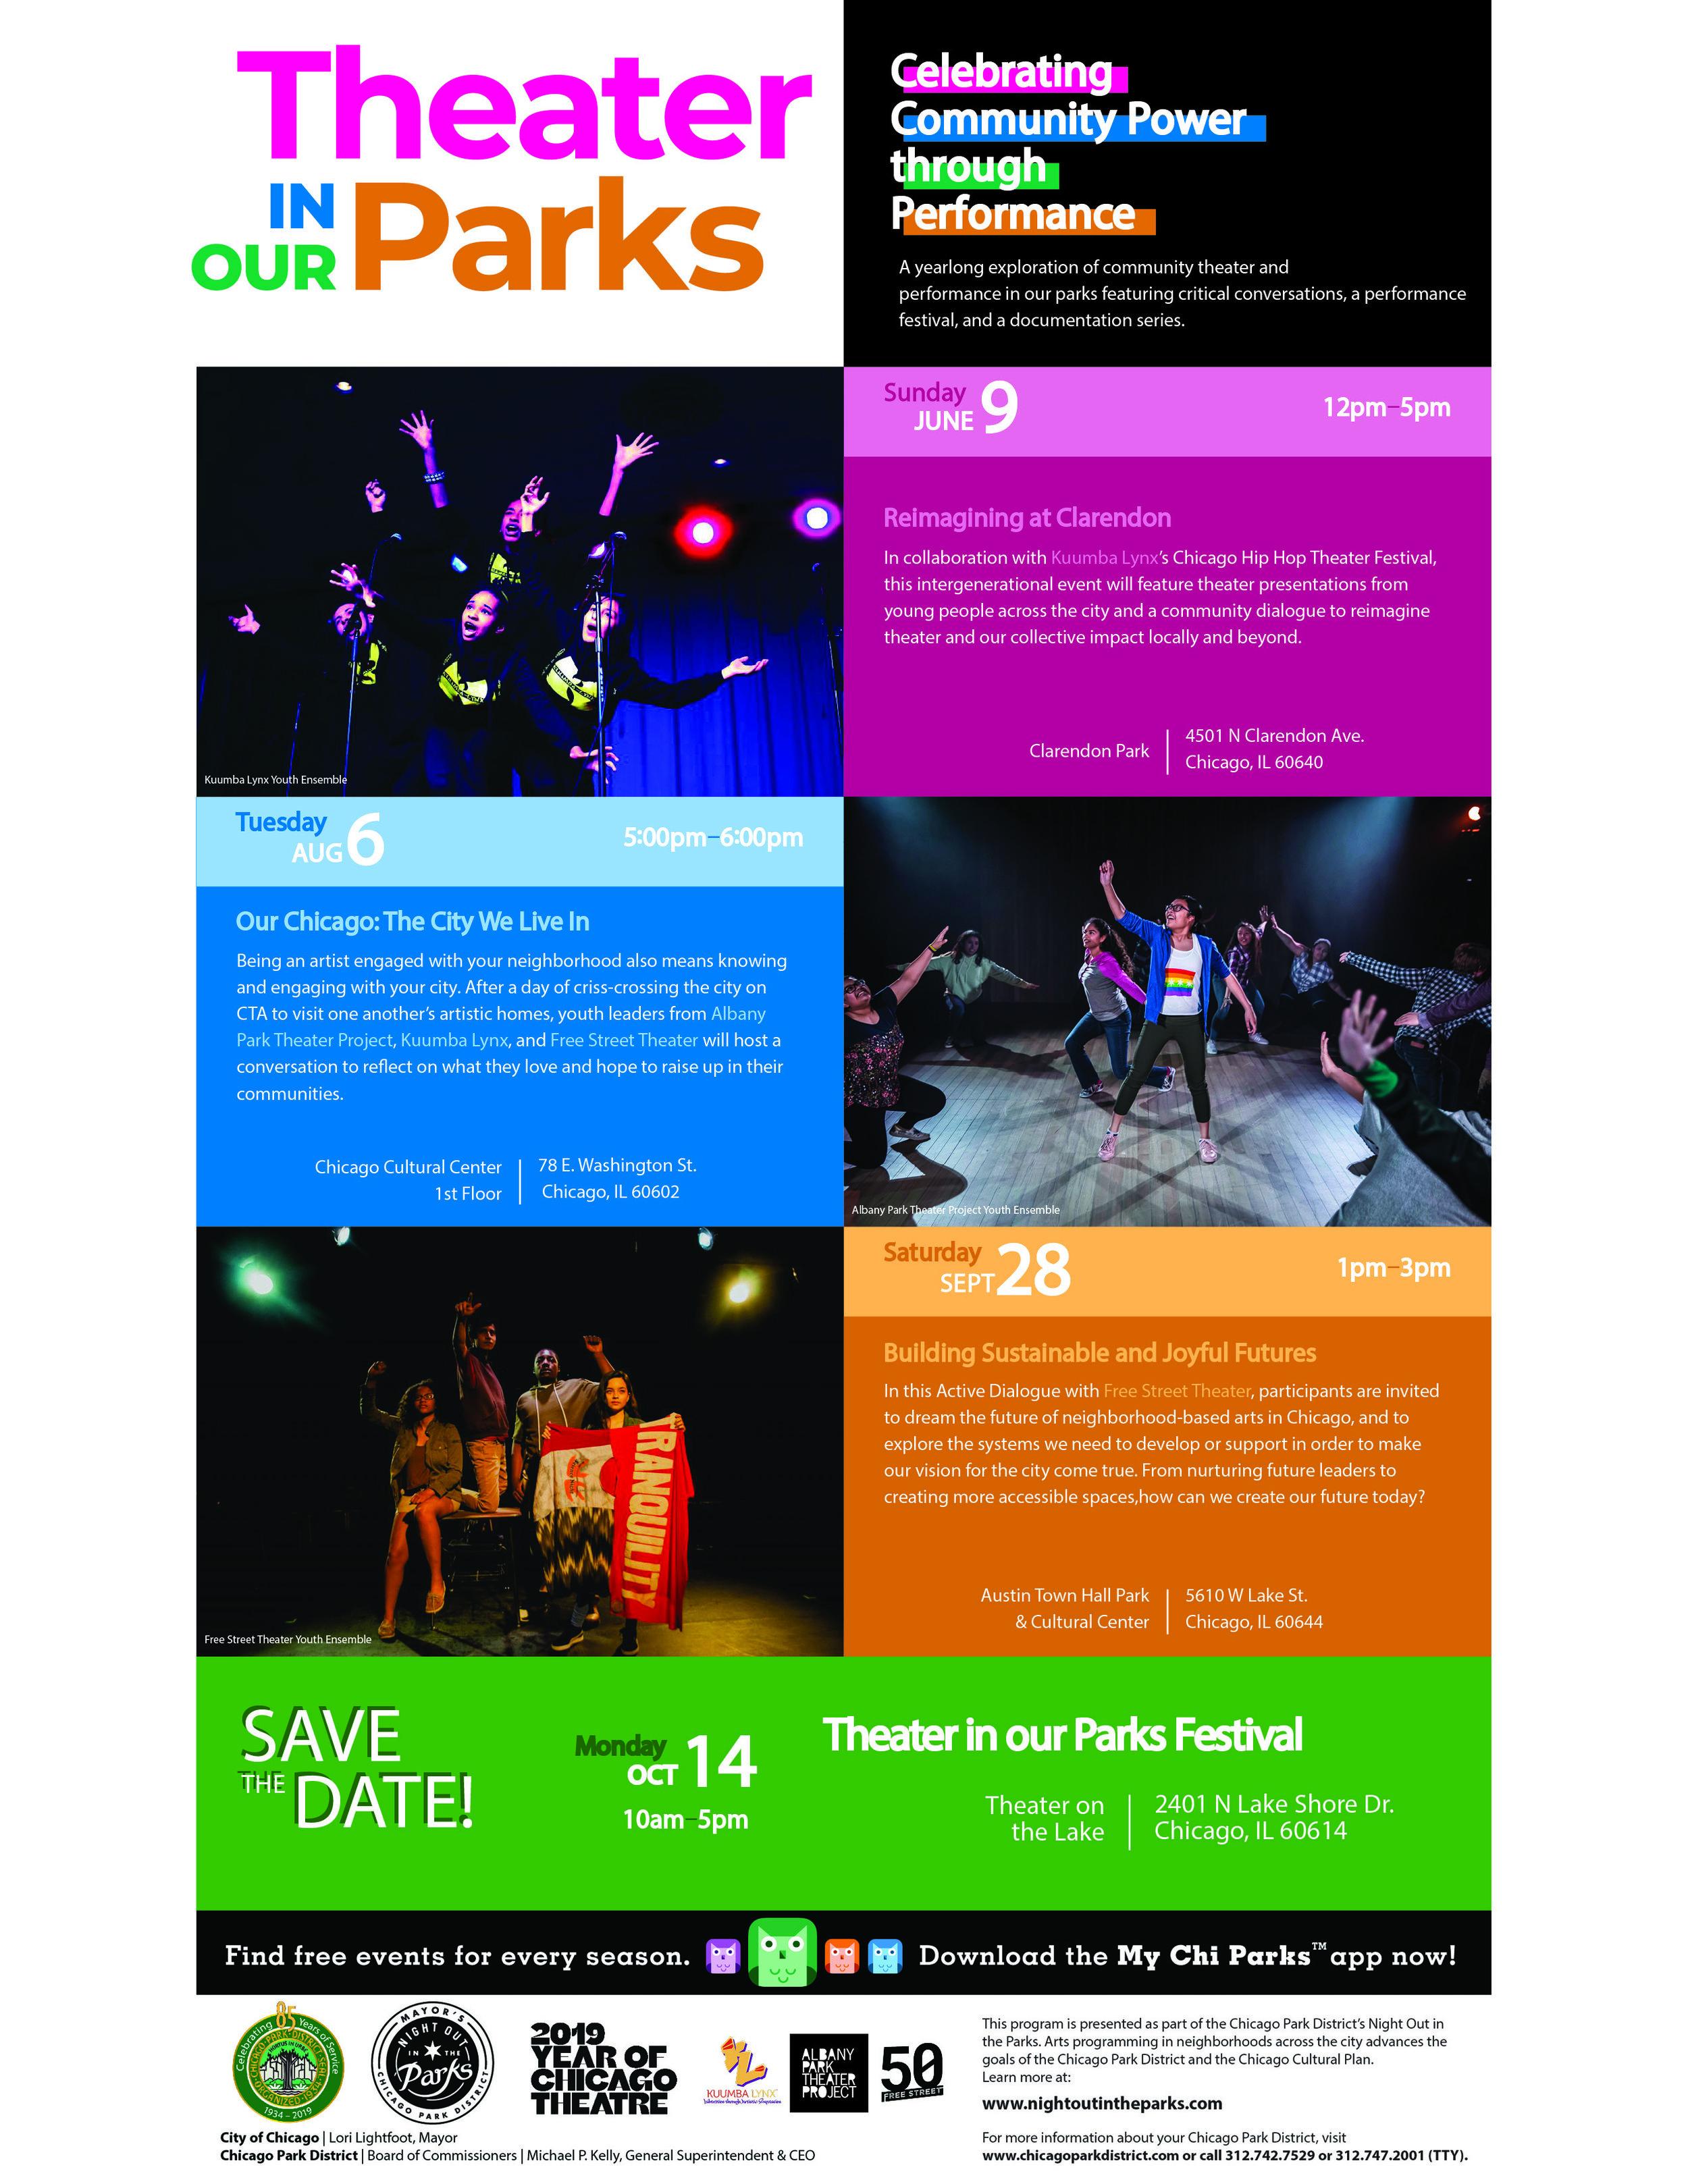 TheaterinOurParks_8.5x11_V2.jpg